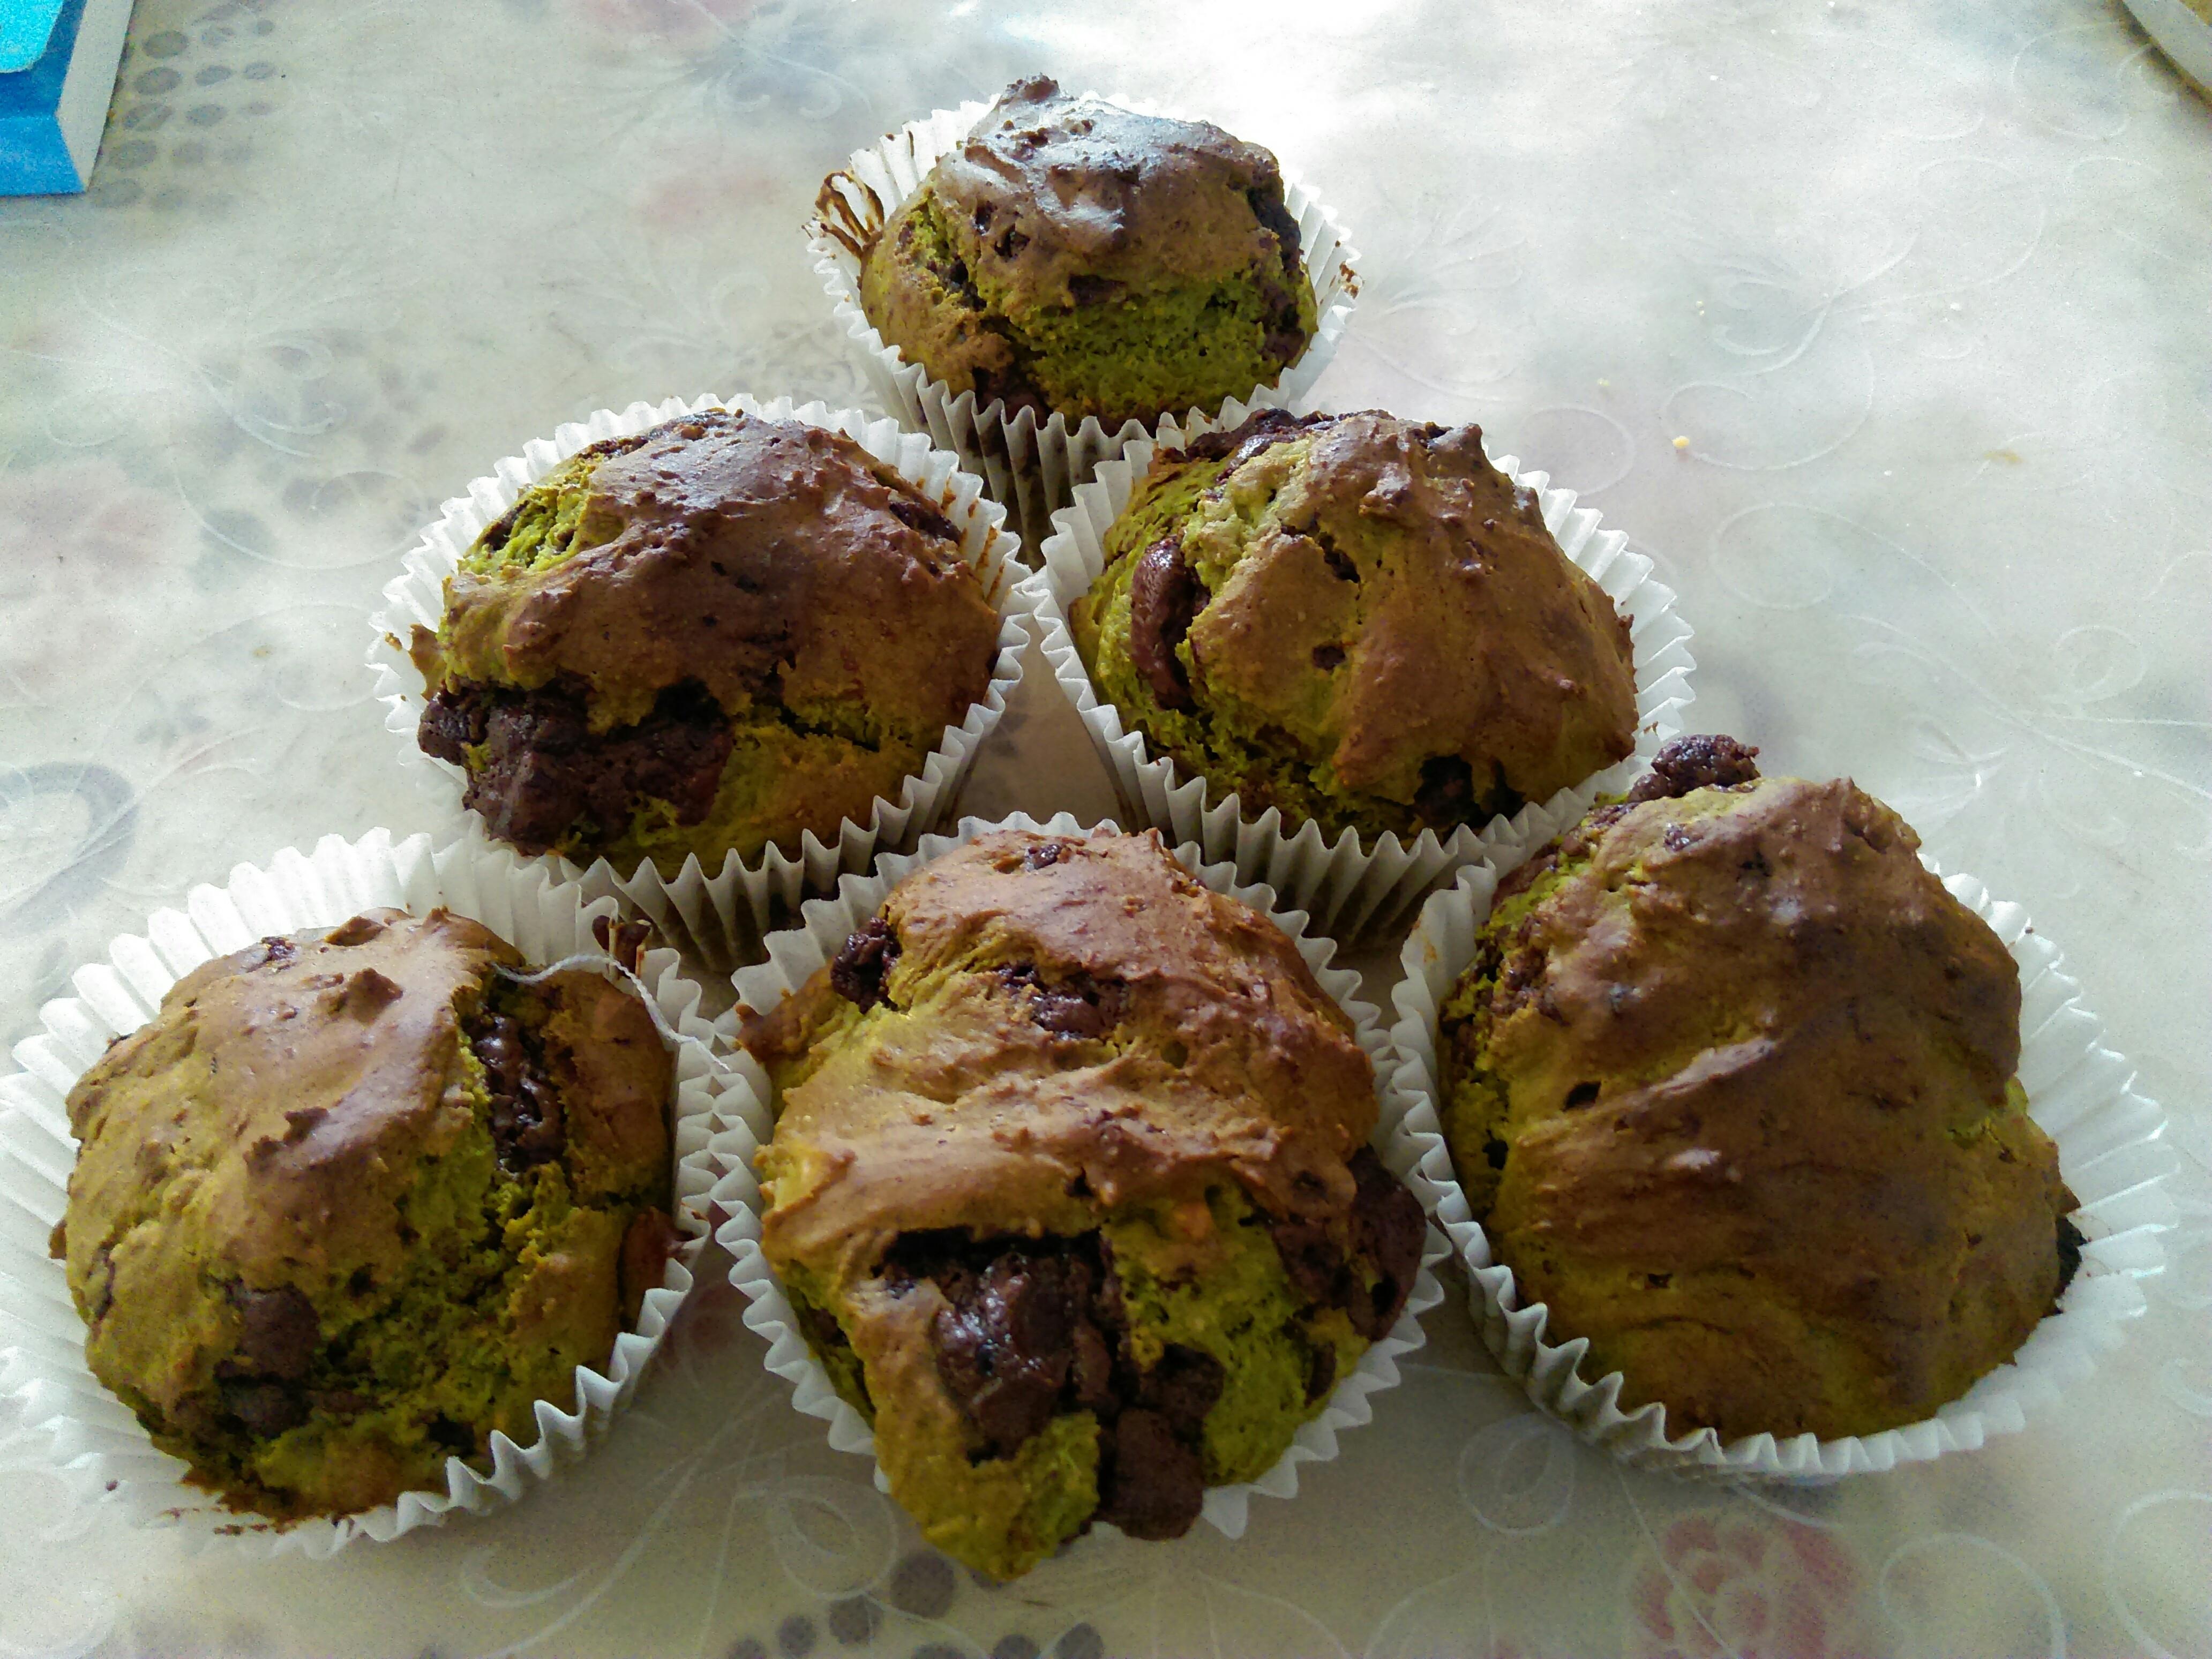 綠茶巧克力瑪芬